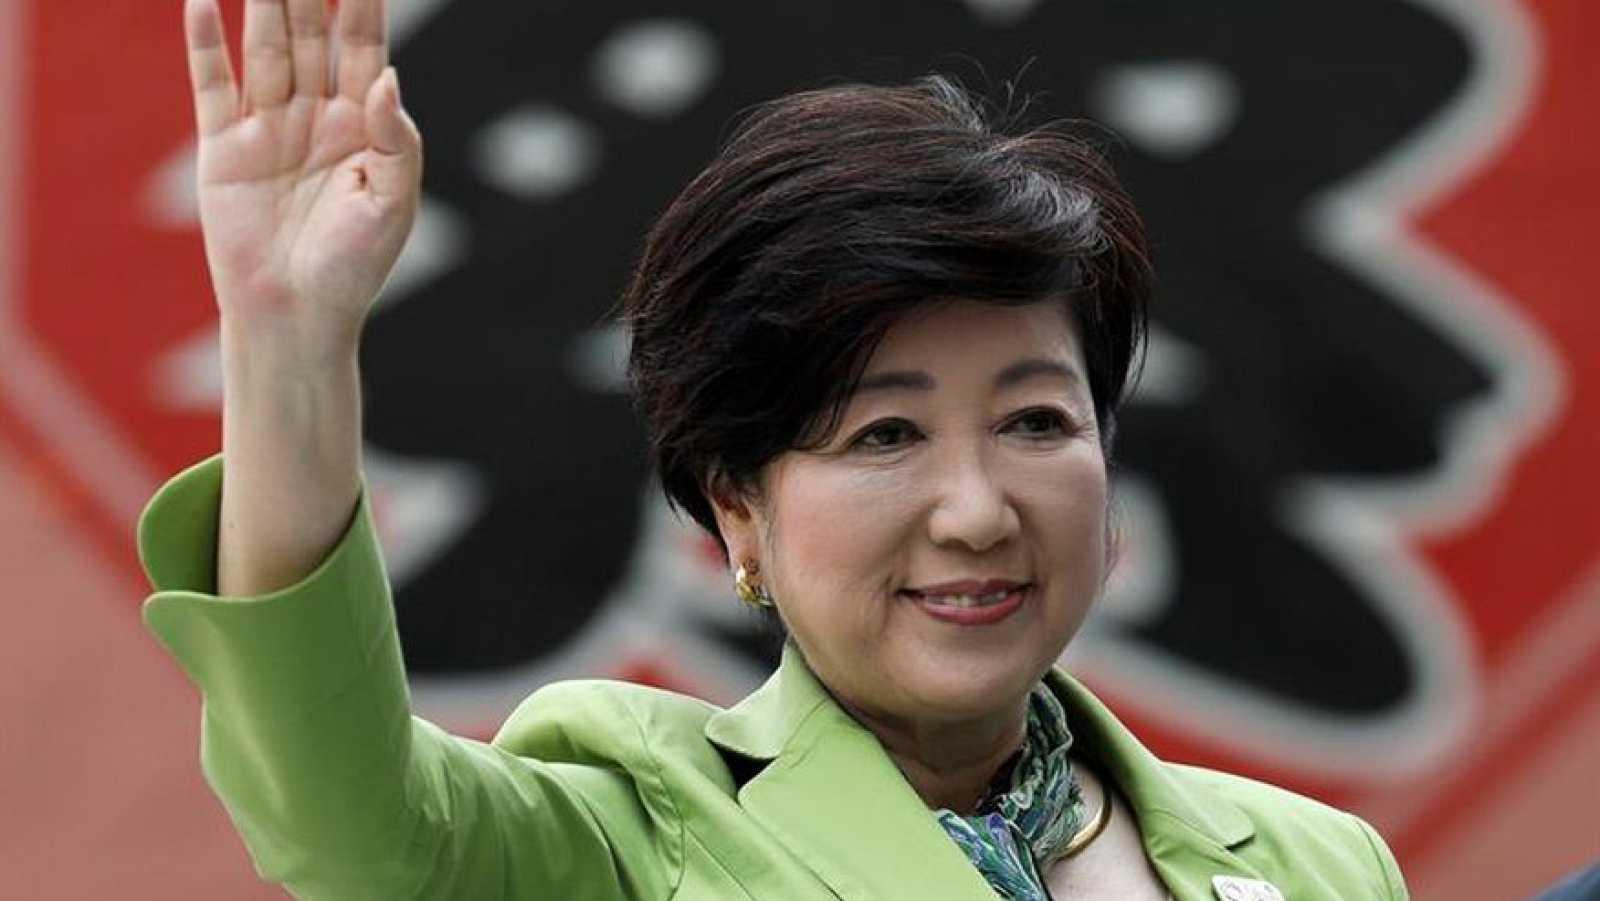 Asia hoy - Yuriko Koike y el avance de las mujeres en Japón - 13/11/20 - escuchar ahora